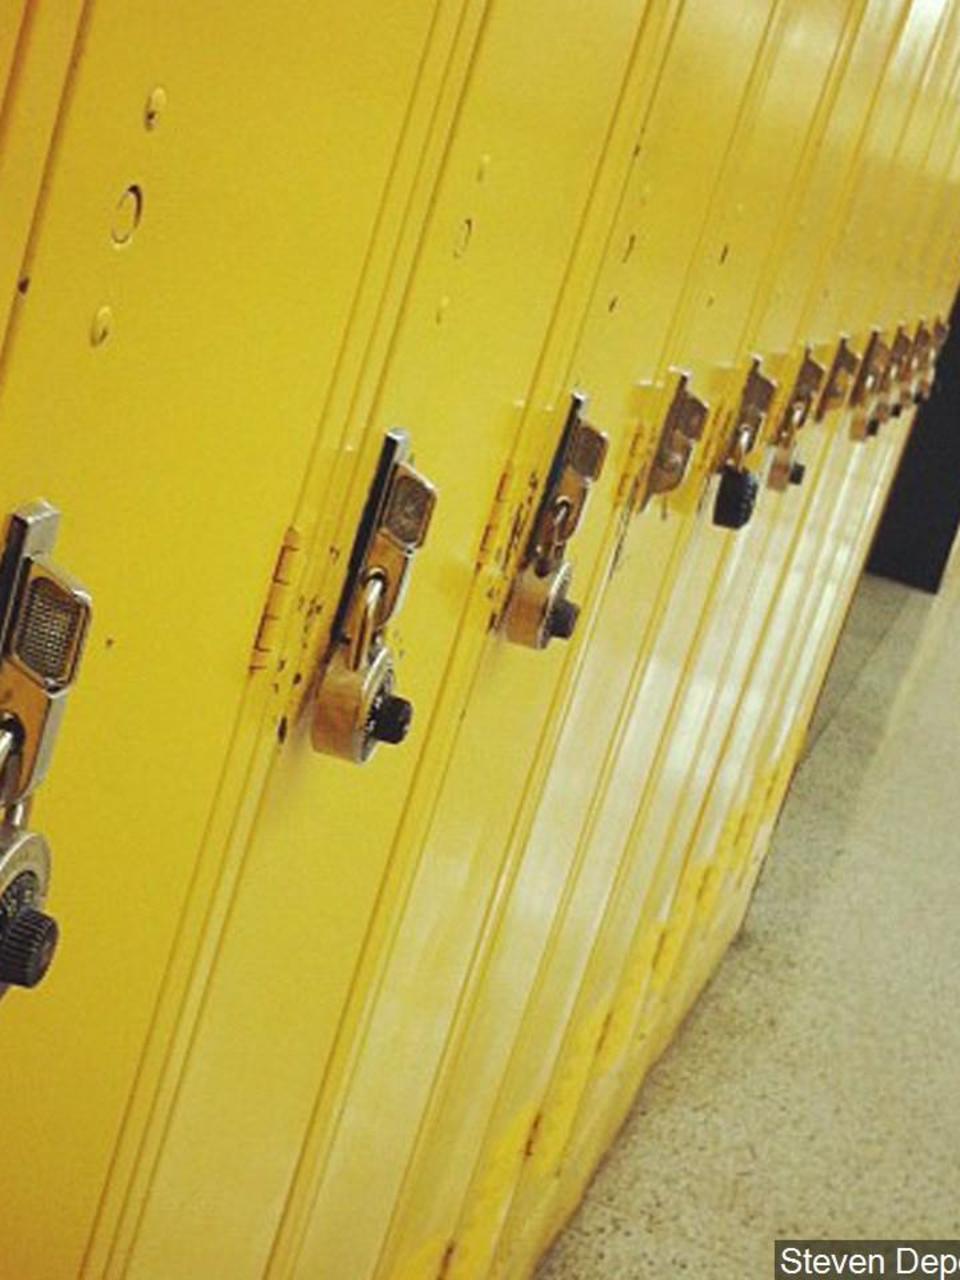 Gov. Whitmer closes all Michigan schools amid COVID-19 scare | WLUK